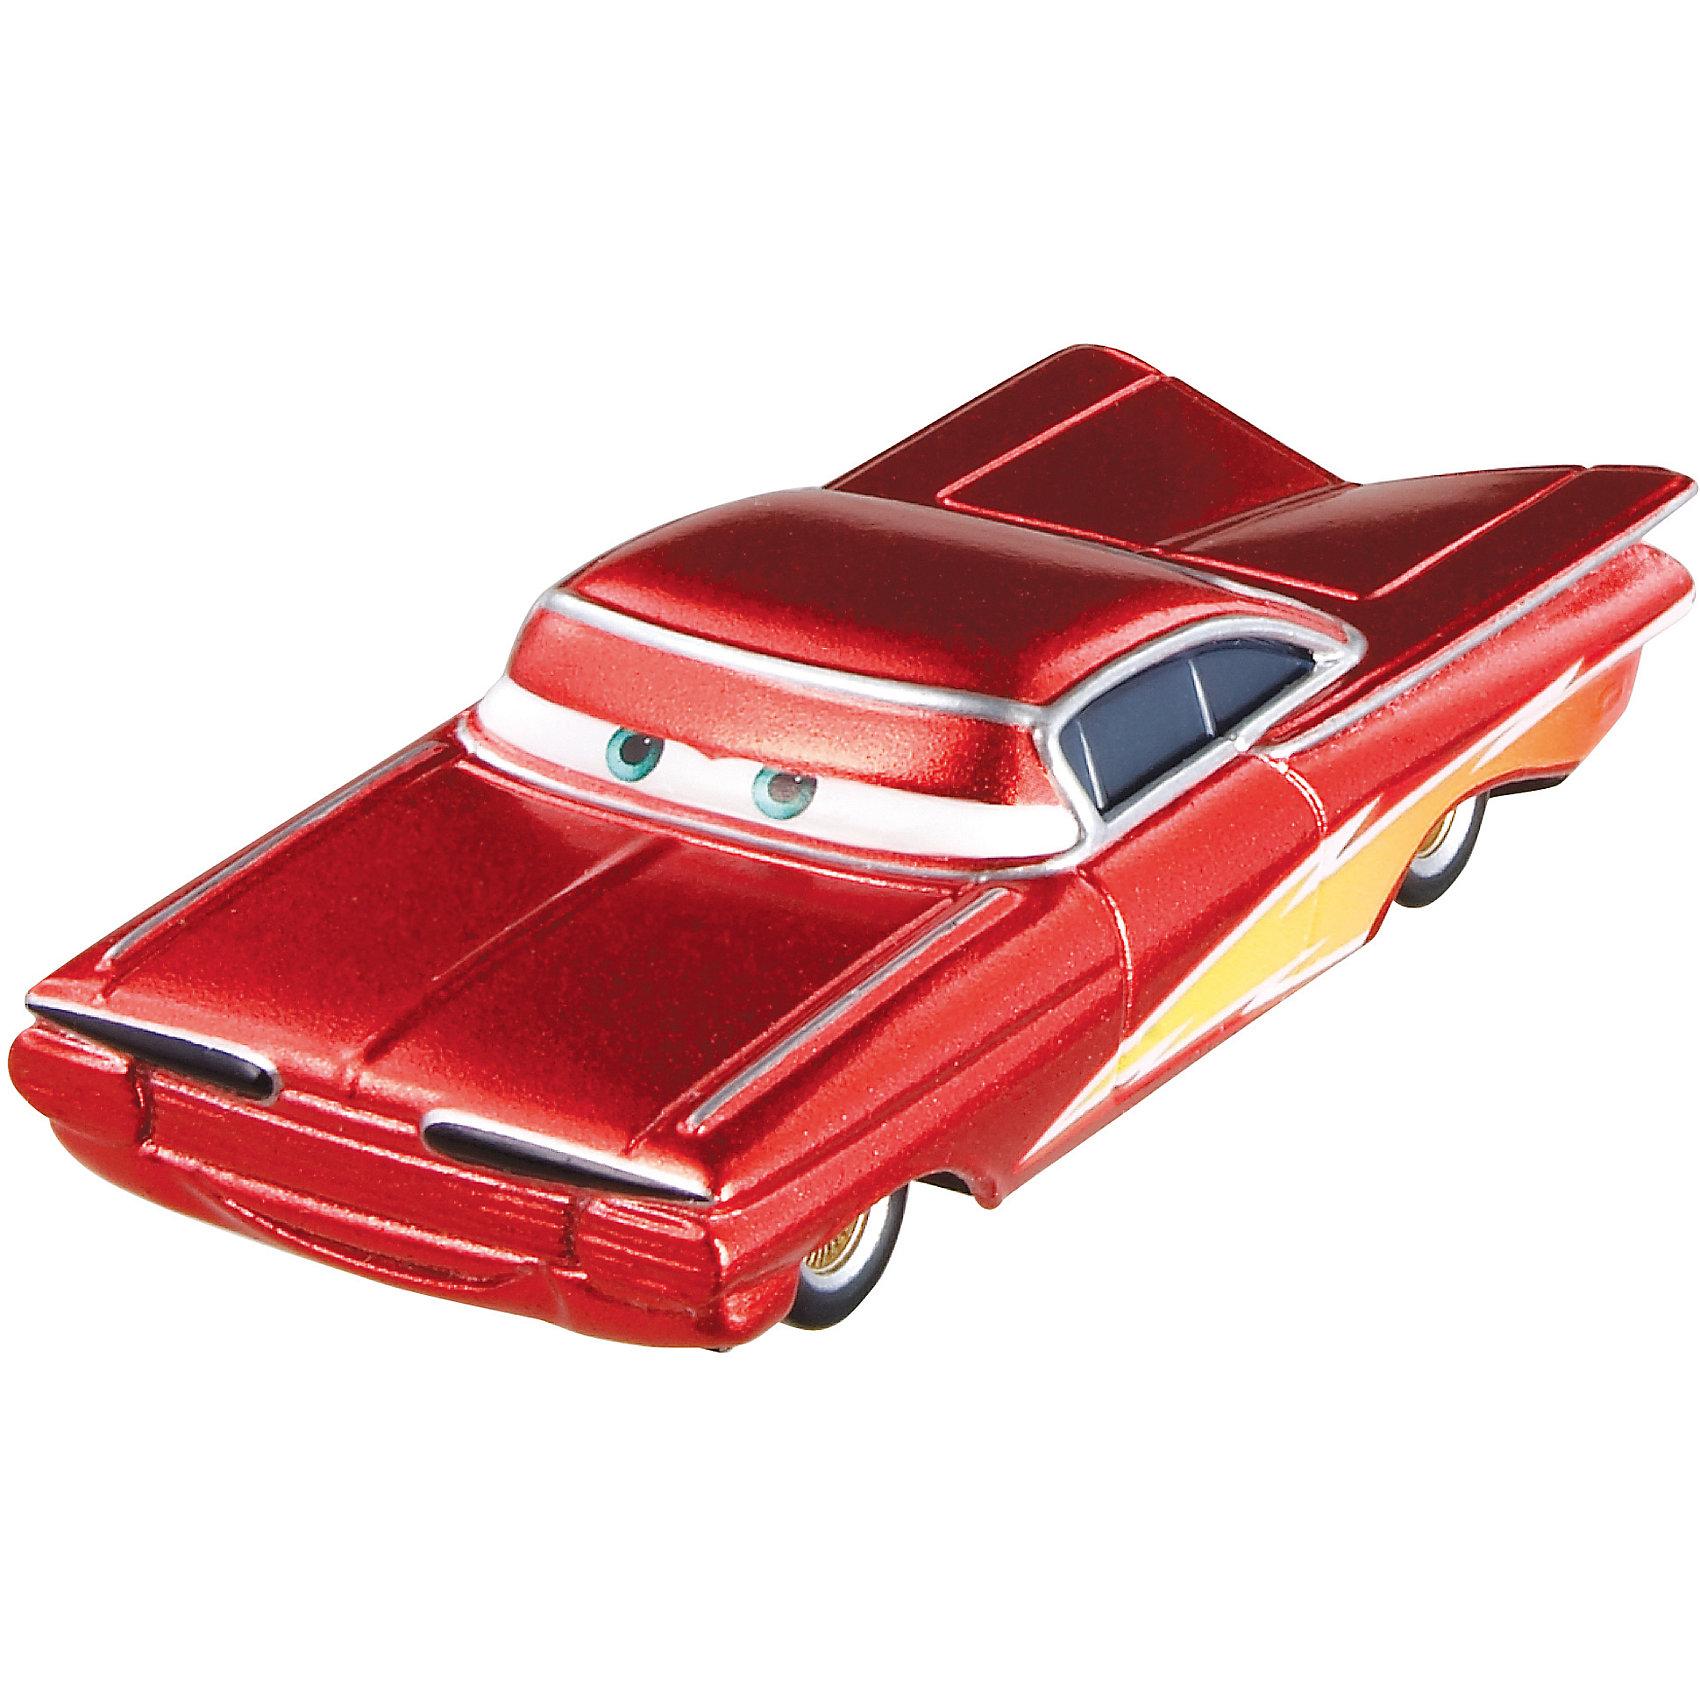 Литая машинка, Тачки-2Гоночные машинки и мотоциклы<br>Литая машинка Делюкс от компании «Mattel» выполнена в виде главного персонажа мультфильма «Тачки 2». Изготовленная из металла в масштабе 1:55 игрушка отличается высокой степенью детализации и качеством исполнения. Завладев несколькими моделями, малыш сможет окунуться в любимый мультипликационный мир, устроить красочные показательные выступления среди машинок-киногероев.<br><br>Дополнительная информация:<br><br>- Материал: металл<br>- В упаковке: 1 шт.<br>- Размер машинки: 8 см.<br><br>Литую машинку, Тачки-2 можно купить в нашем магазине.<br><br>Ширина мм: 135<br>Глубина мм: 45<br>Высота мм: 160<br>Вес г: 80<br>Возраст от месяцев: 36<br>Возраст до месяцев: 72<br>Пол: Мужской<br>Возраст: Детский<br>SKU: 5015769